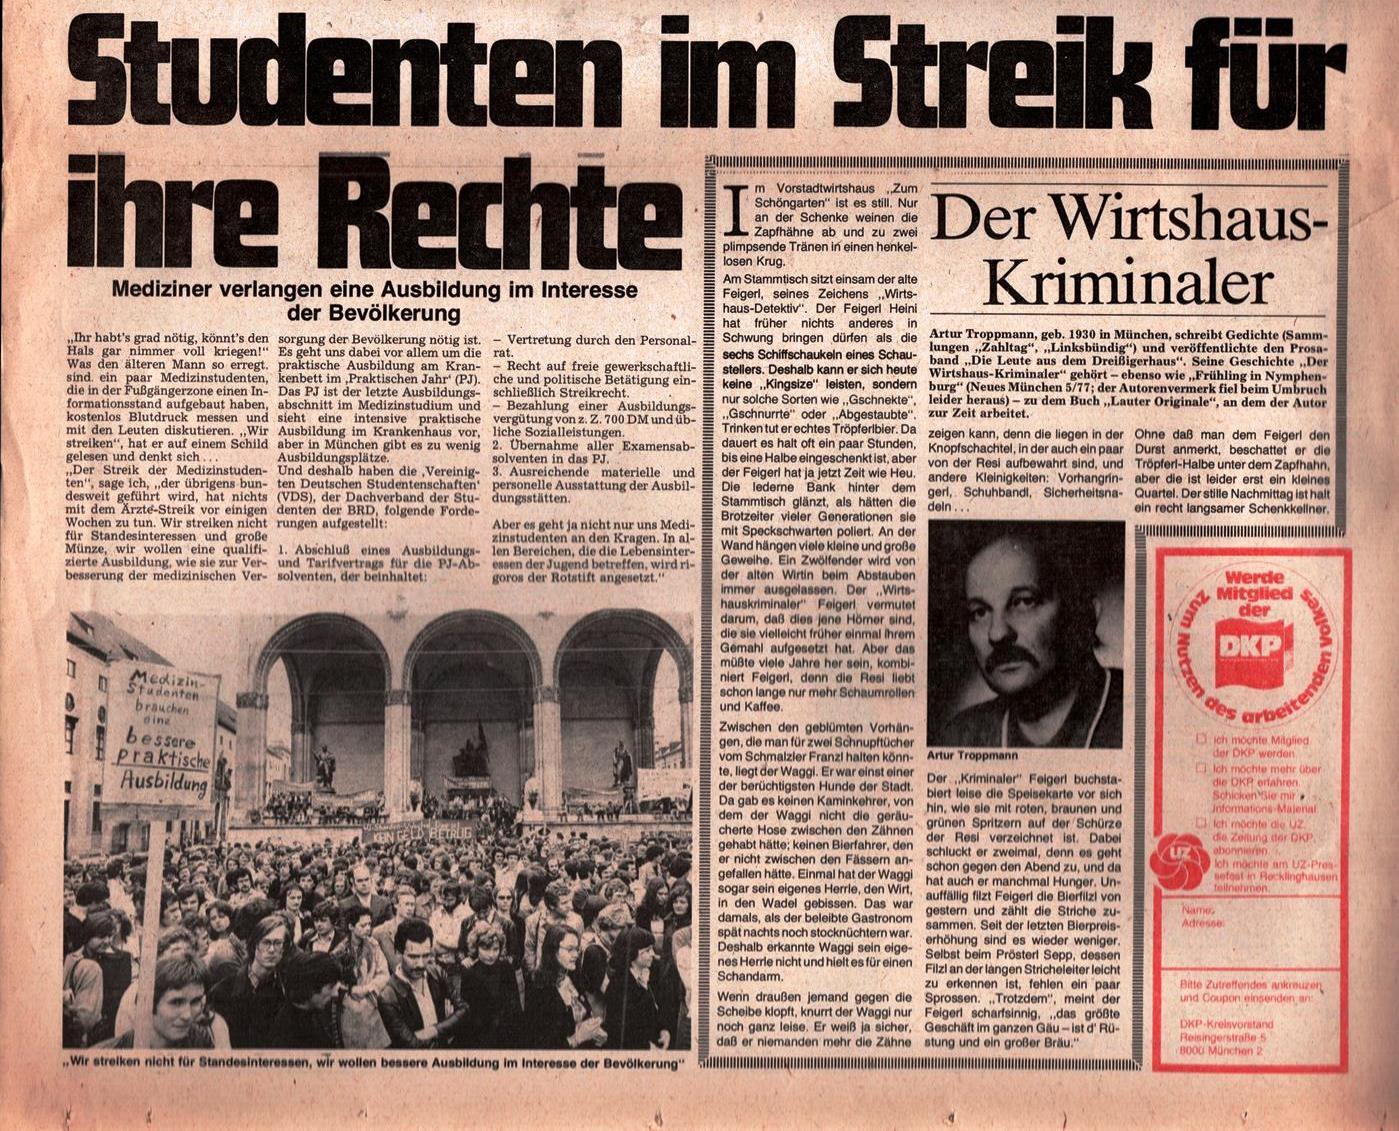 Muenchen_DKP_Neues_Muenchen_19770600_006_016